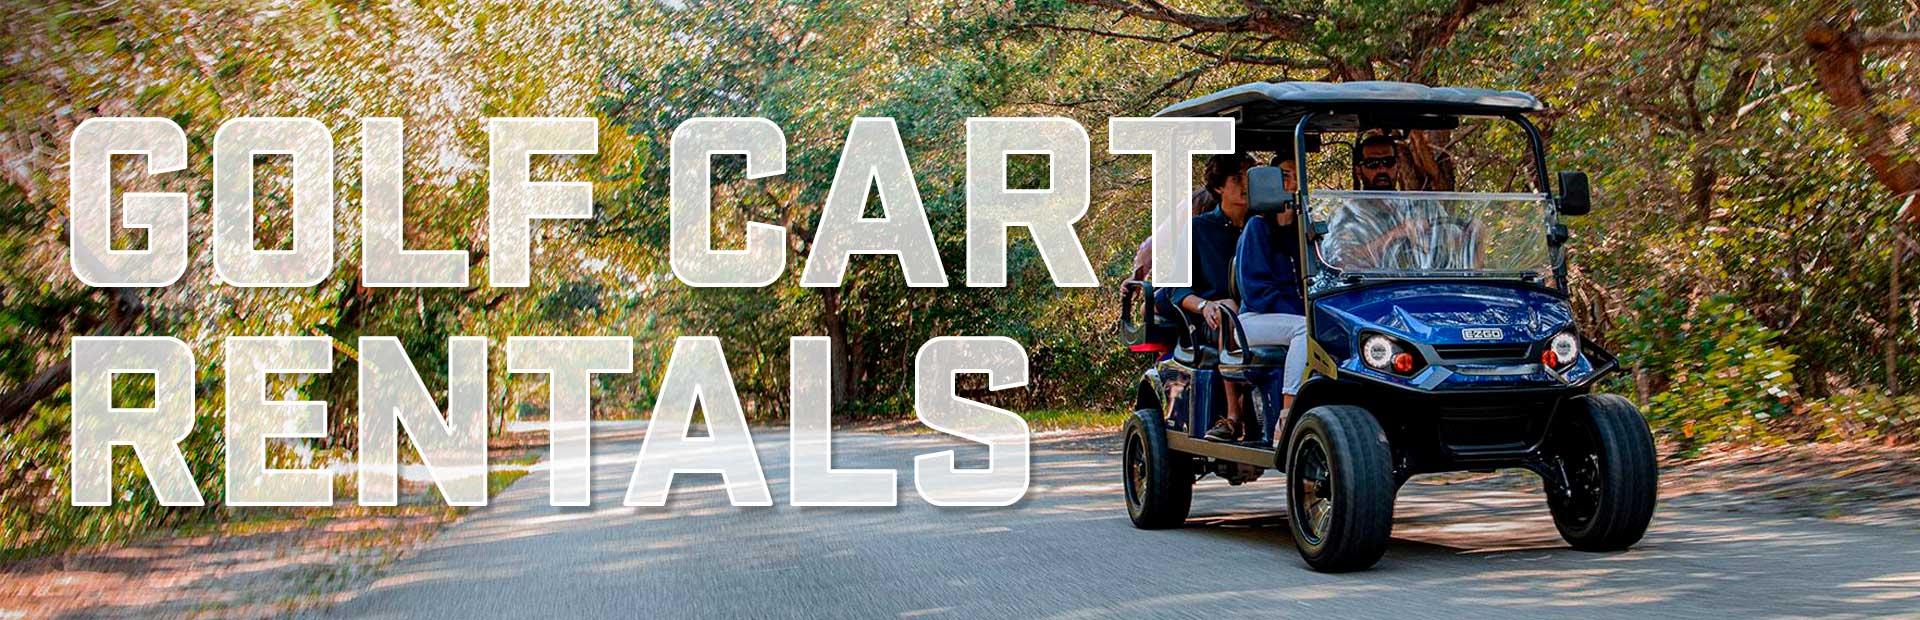 banner-golf-cart-rentals